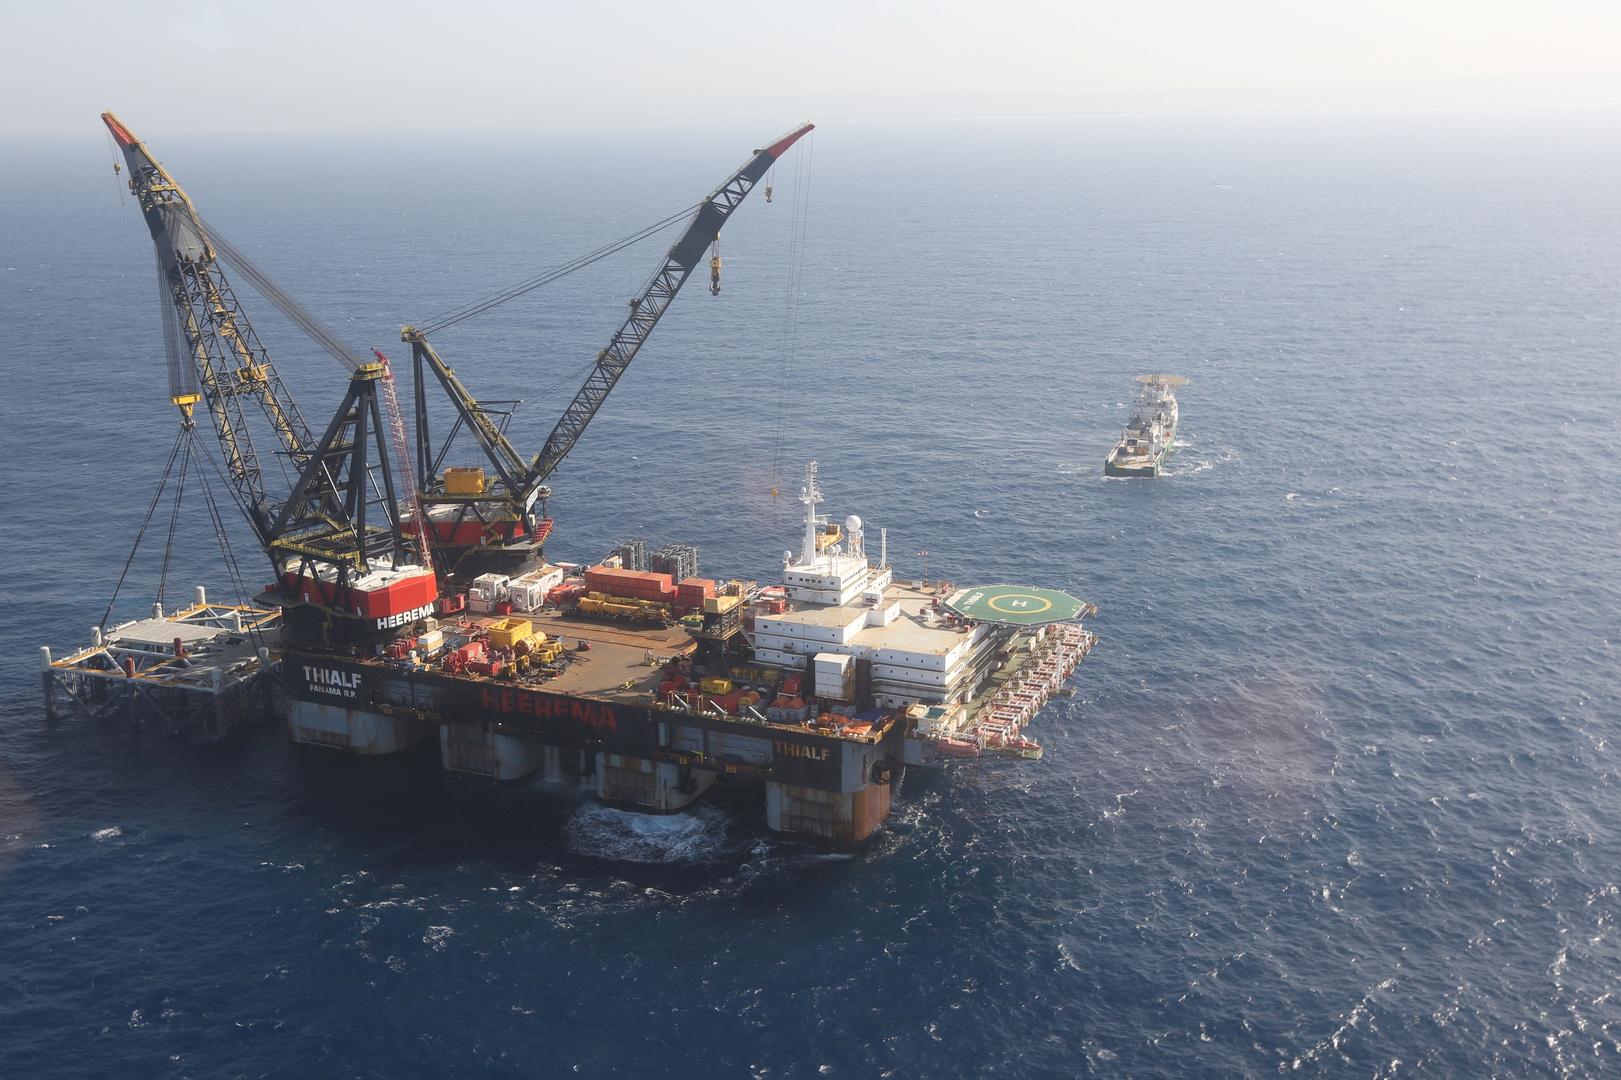 منصة لاستخراج الغاز في حقل ليفياثان الإسرائيلي